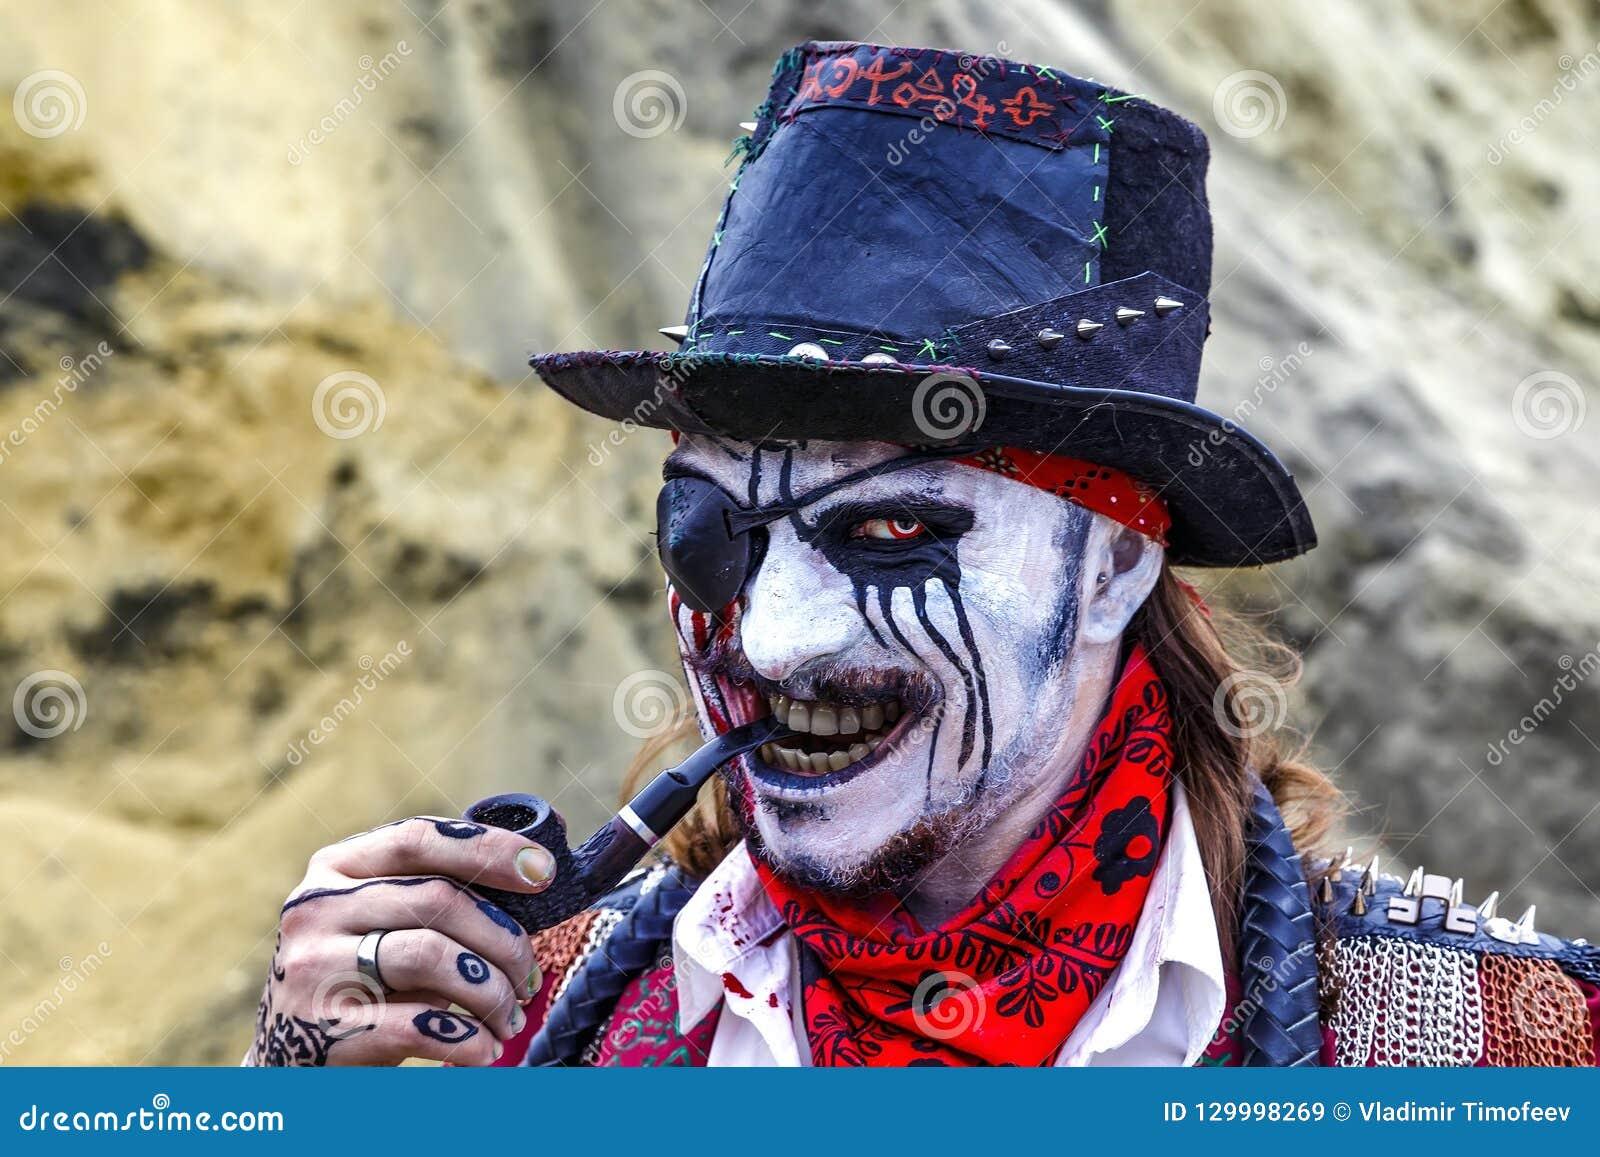 Den giriga onda blicken av piratkopierar med lappen över ett öga och ett rör i hans mun